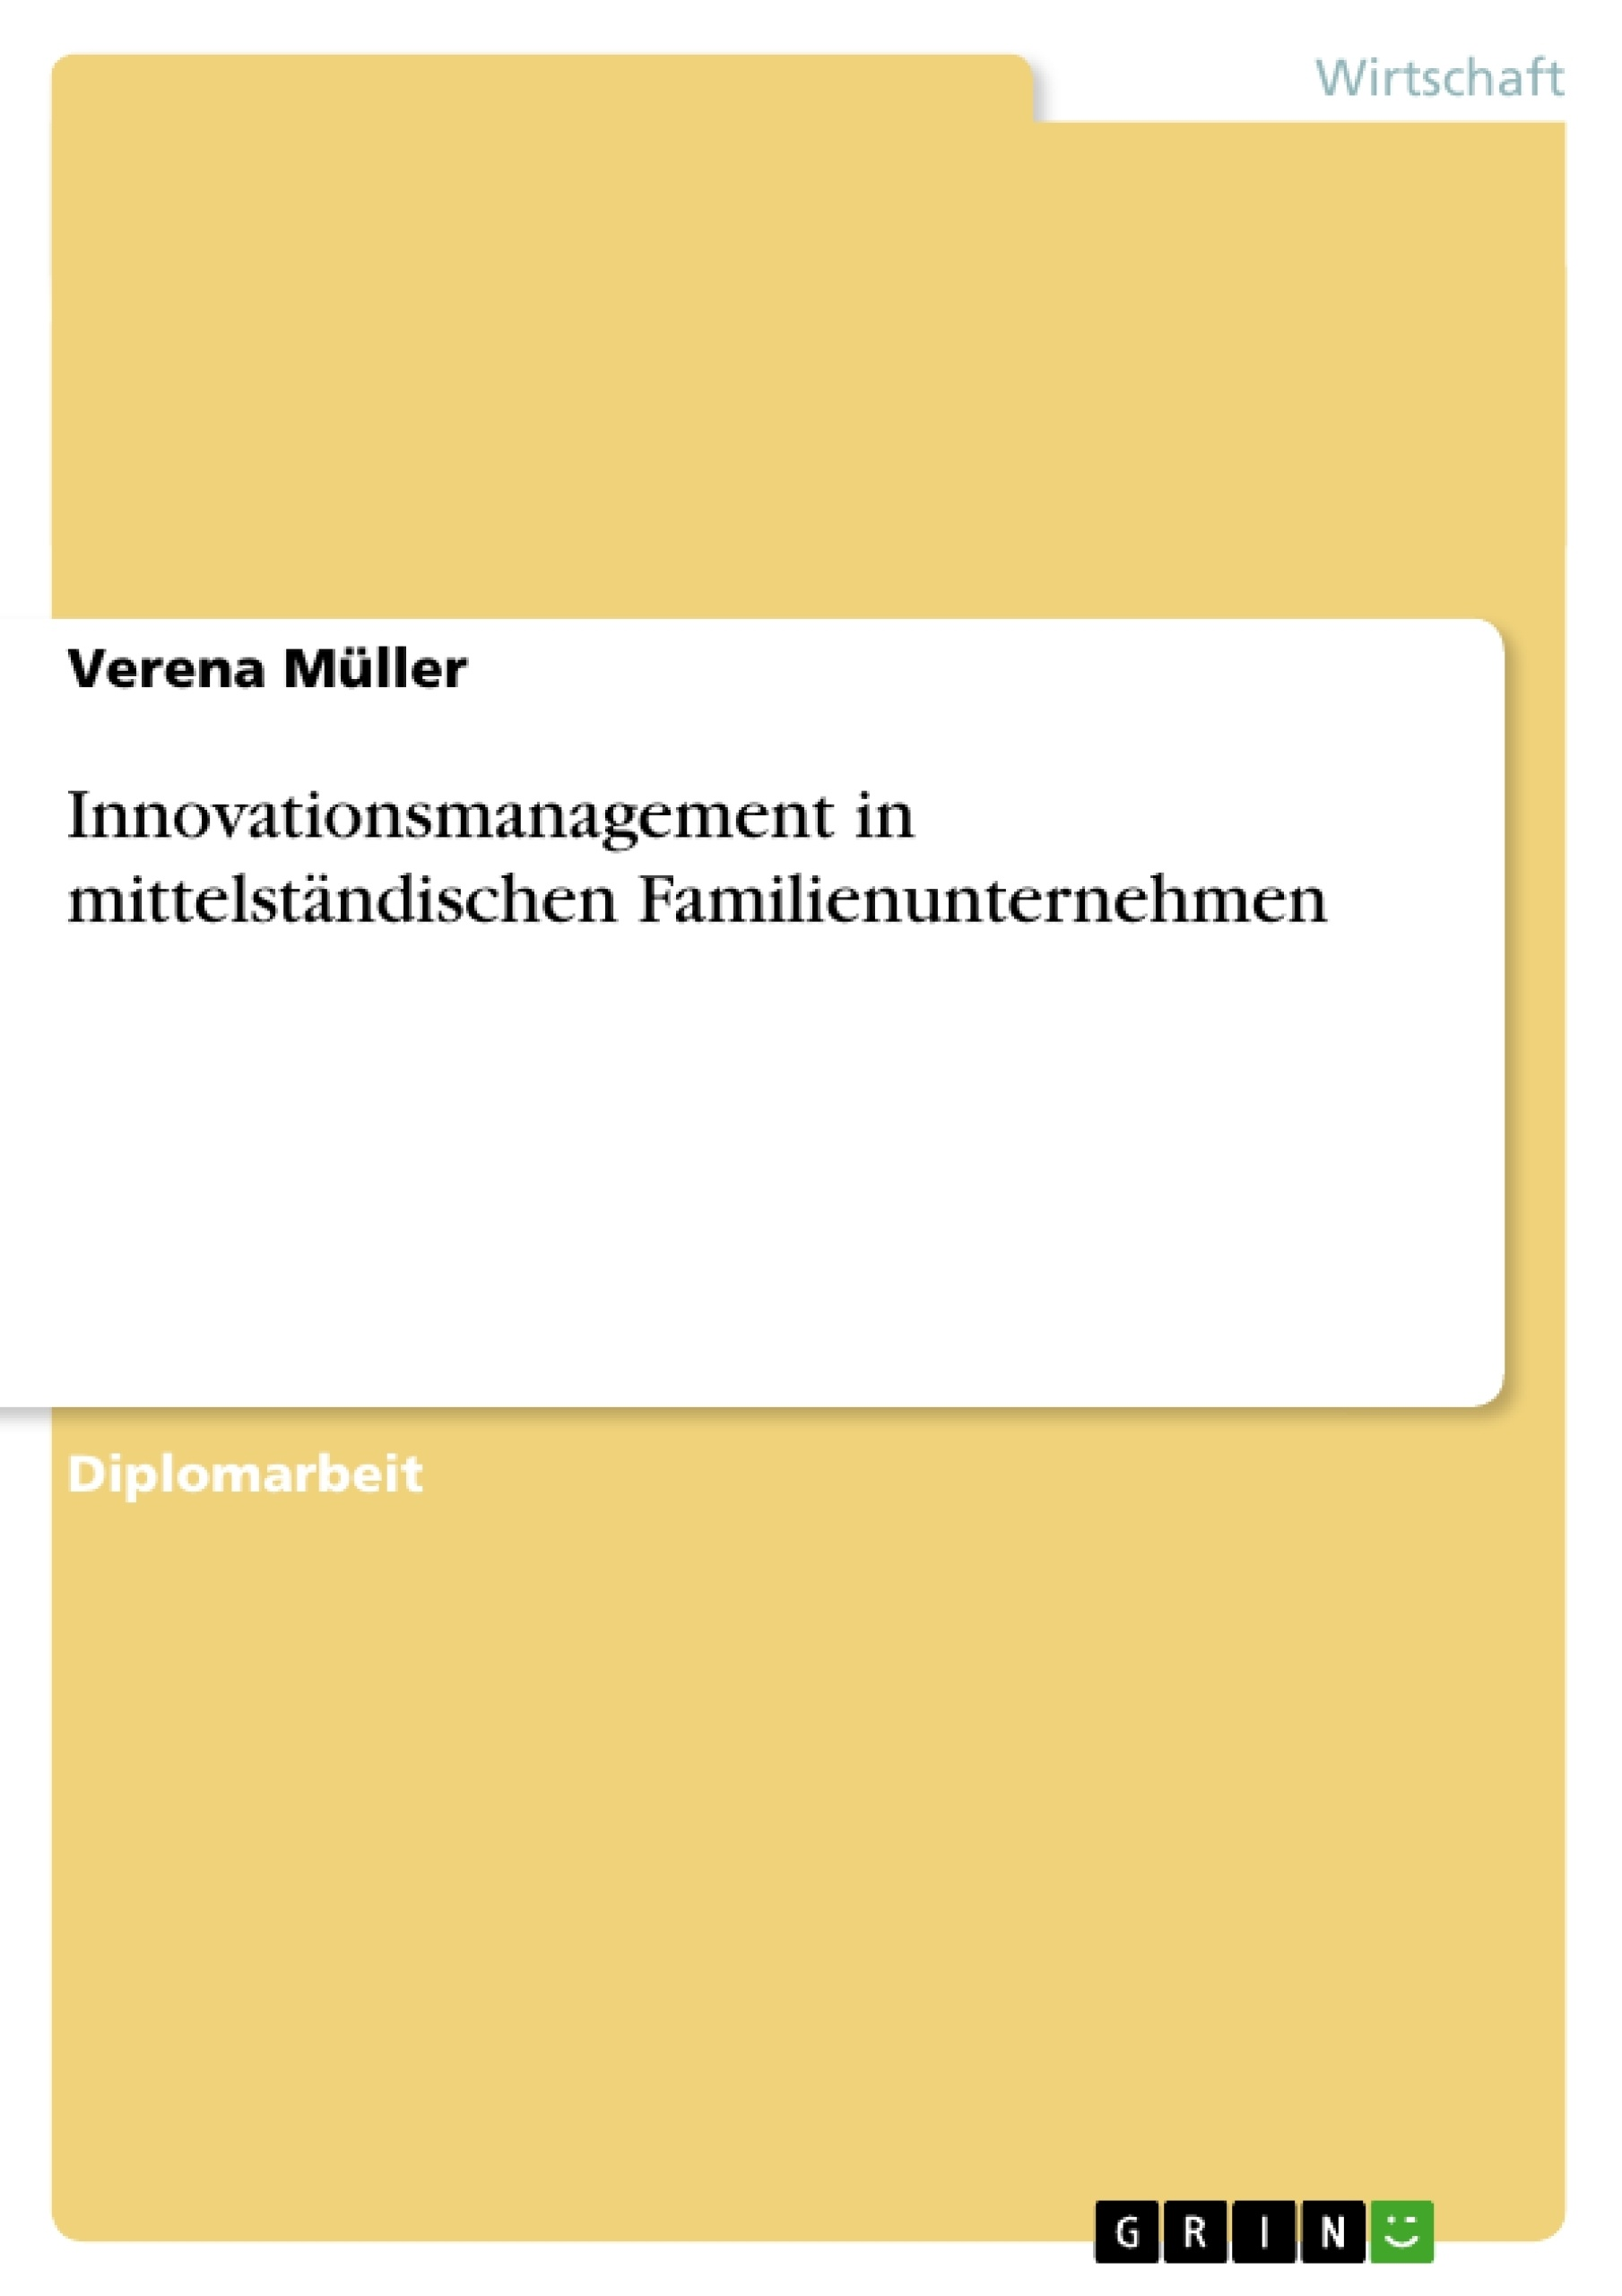 Titel: Innovationsmanagement in mittelständischen Familienunternehmen